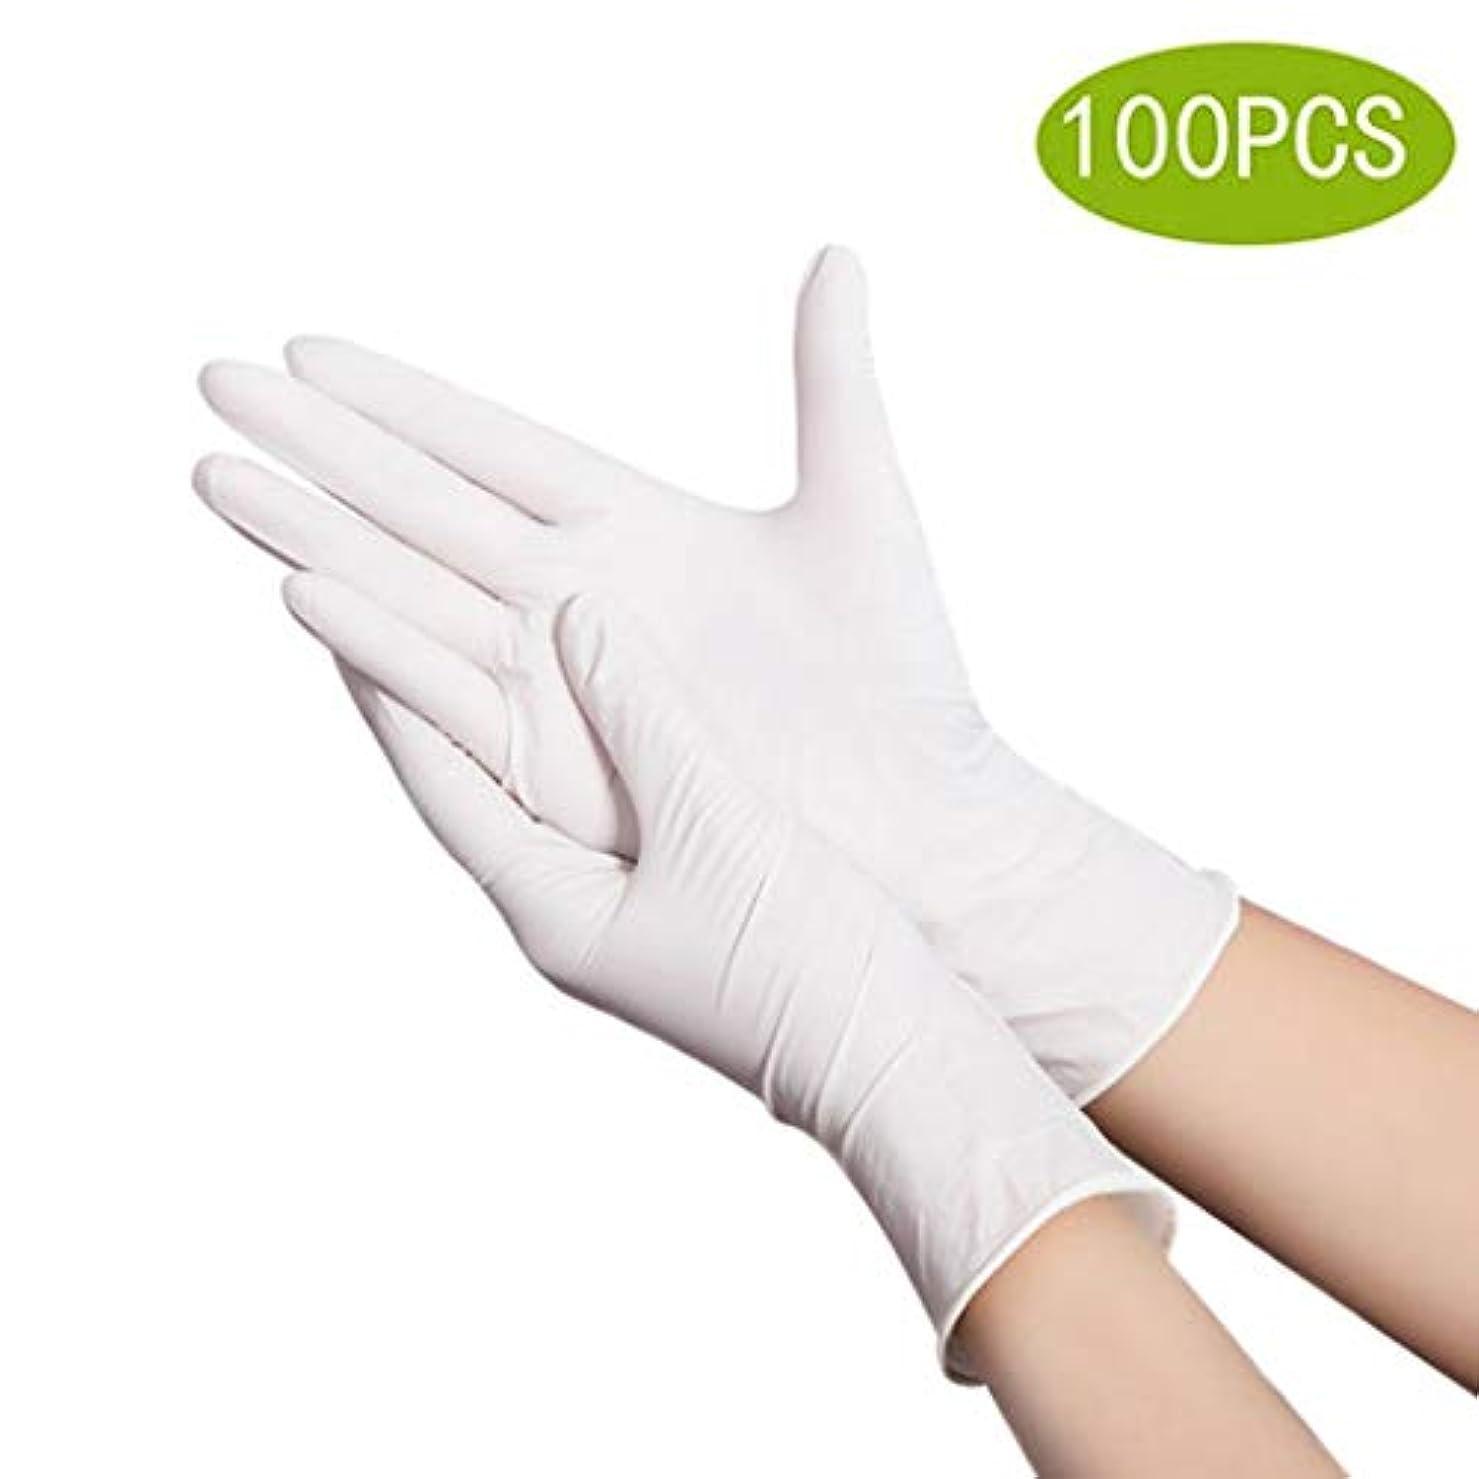 パートナー節約参照するニトリル手袋4ミル厚ヘビーデューティー使い捨て手袋 - 工業用および家庭用 - パウダーフリー - ナチュラルホワイト(100カウント) (Size : S)